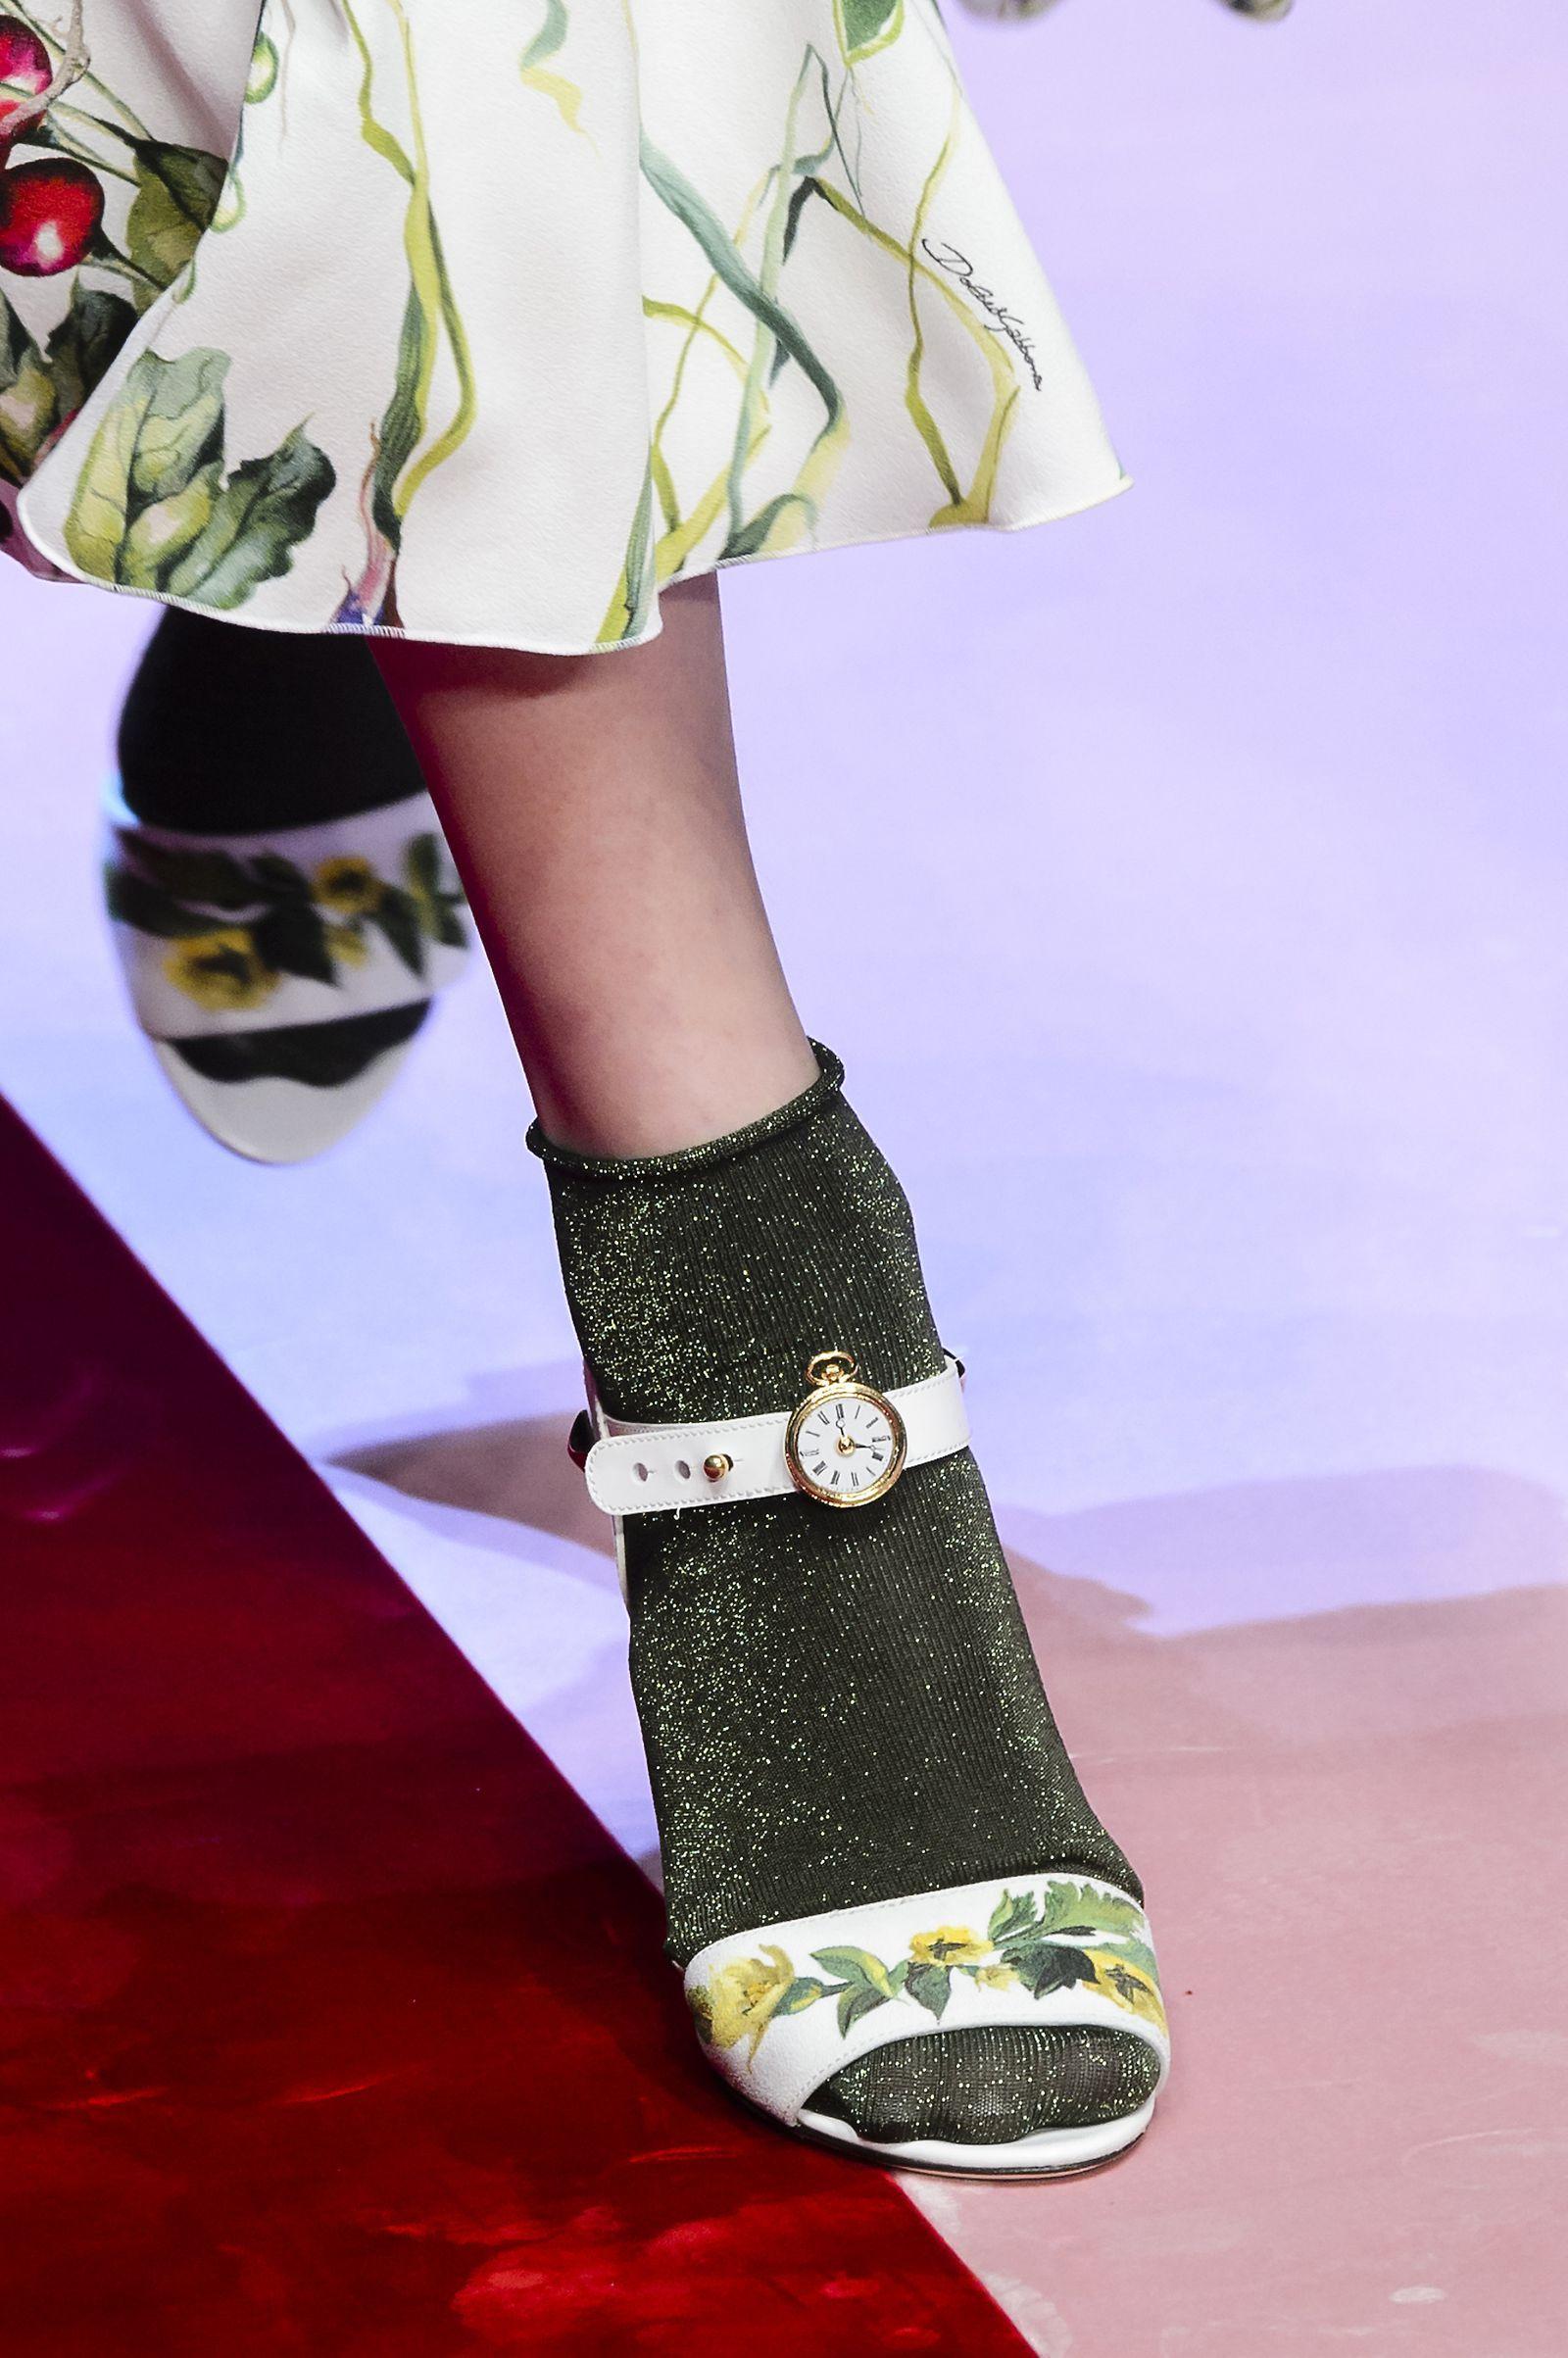 Le scarpe più cool della Primavera Estate 2018 sono quelle